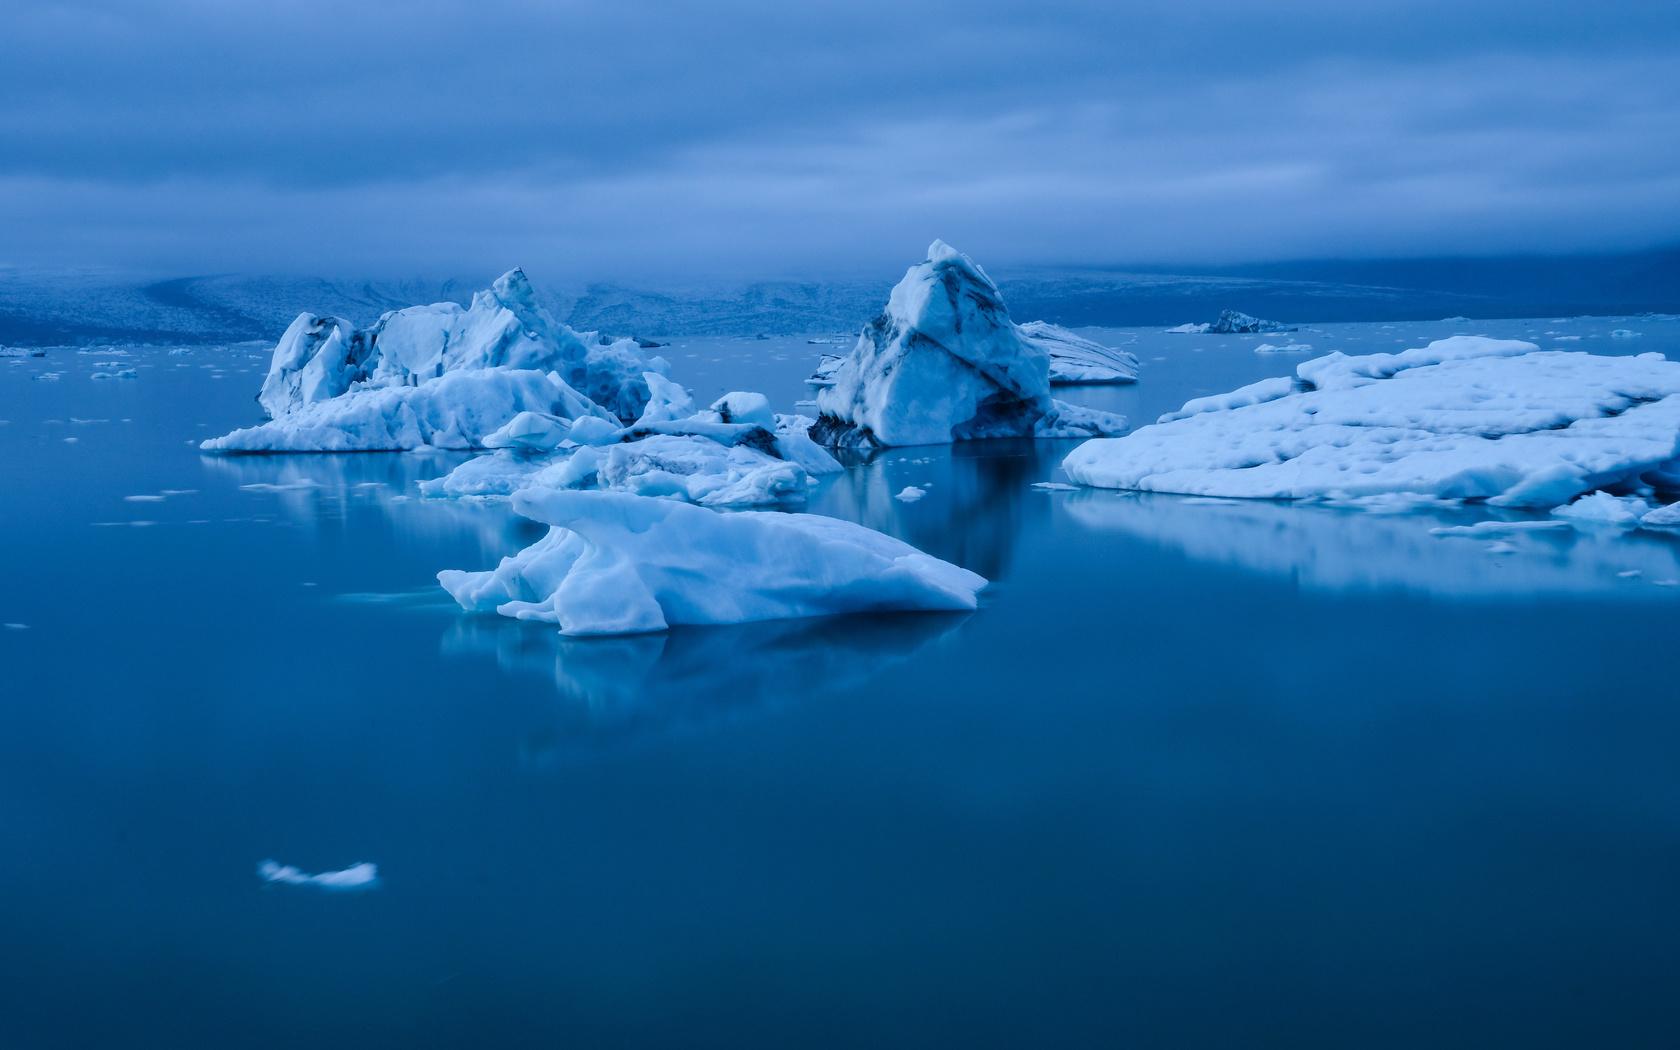 айсберг, льдины, лед, вода, снег